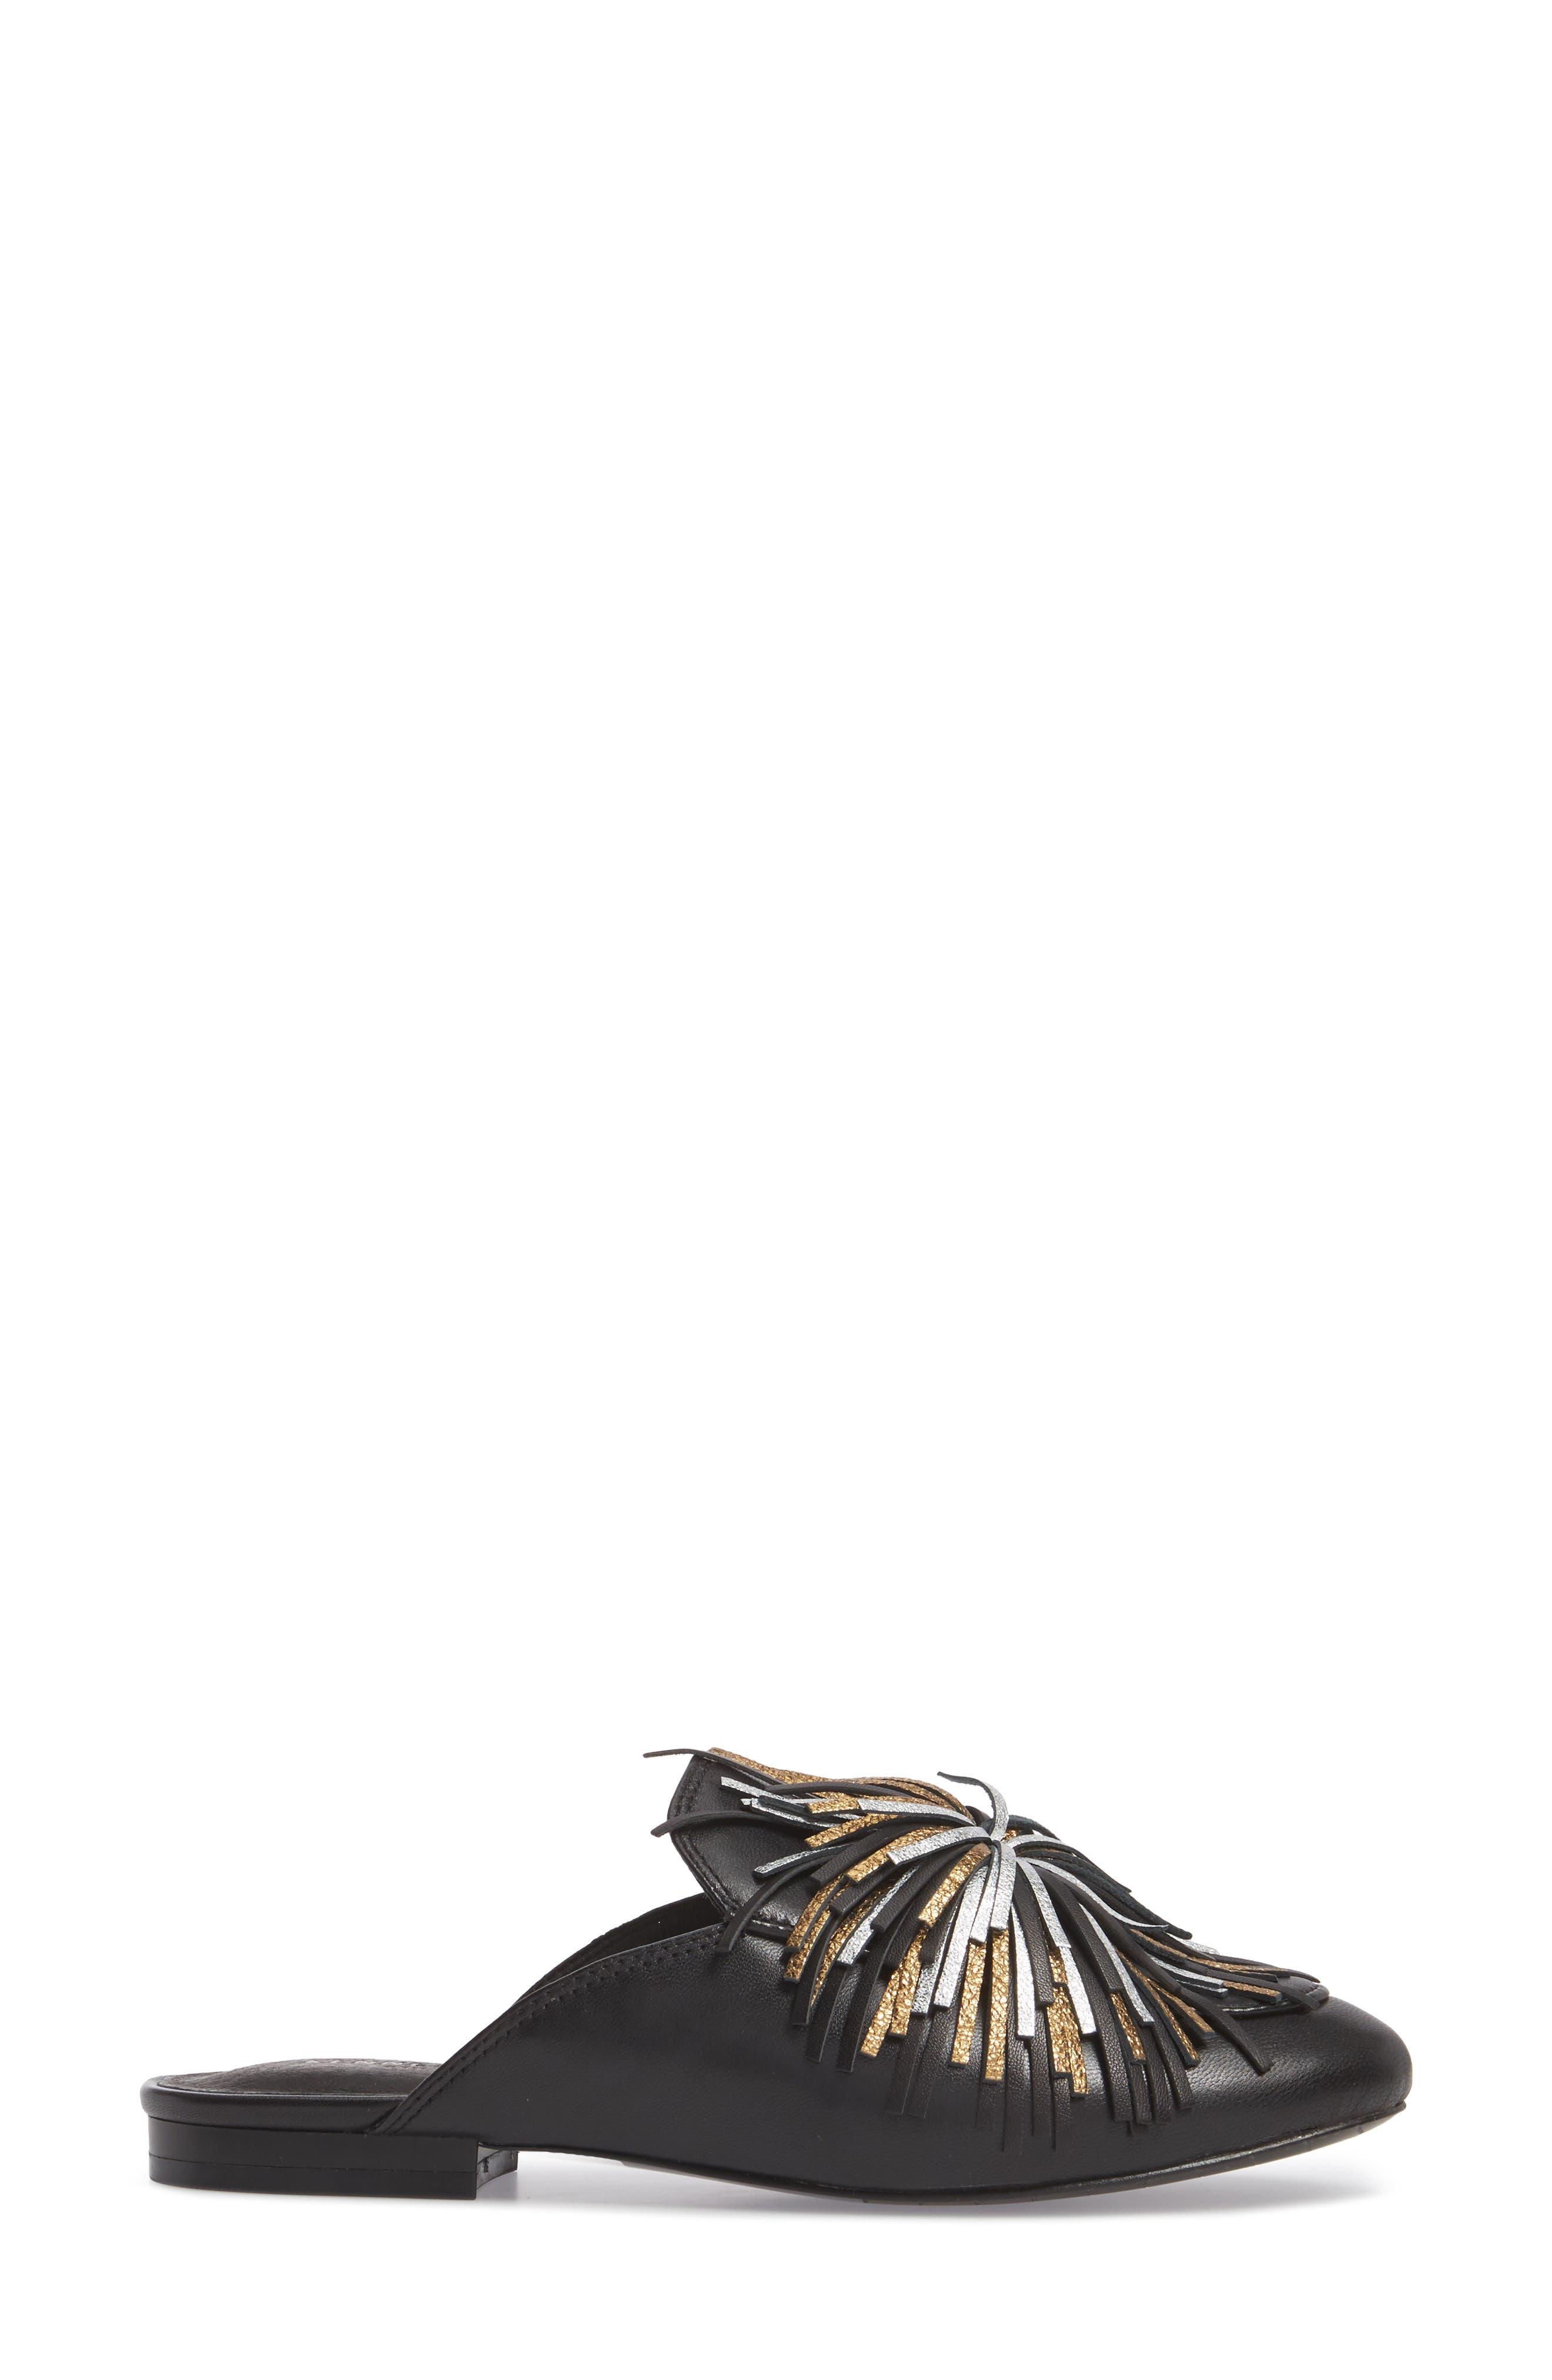 Wallice Firework Fringe Loafer Mule,                             Alternate thumbnail 3, color,                             009